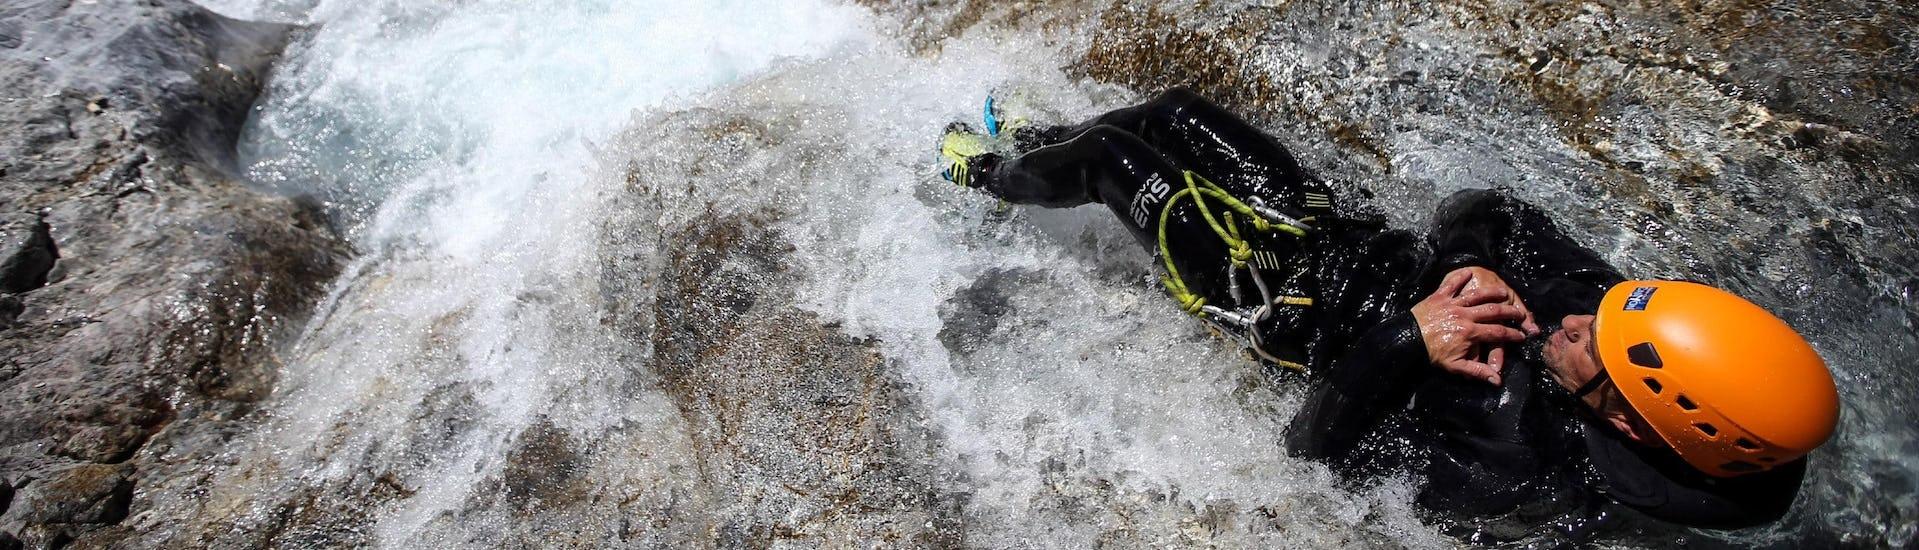 Un homme descend un toboggan naturel lors d'une sortie canyoning dans le canyon du Foresto - Aventure Italie avec SerreChe Canyon.